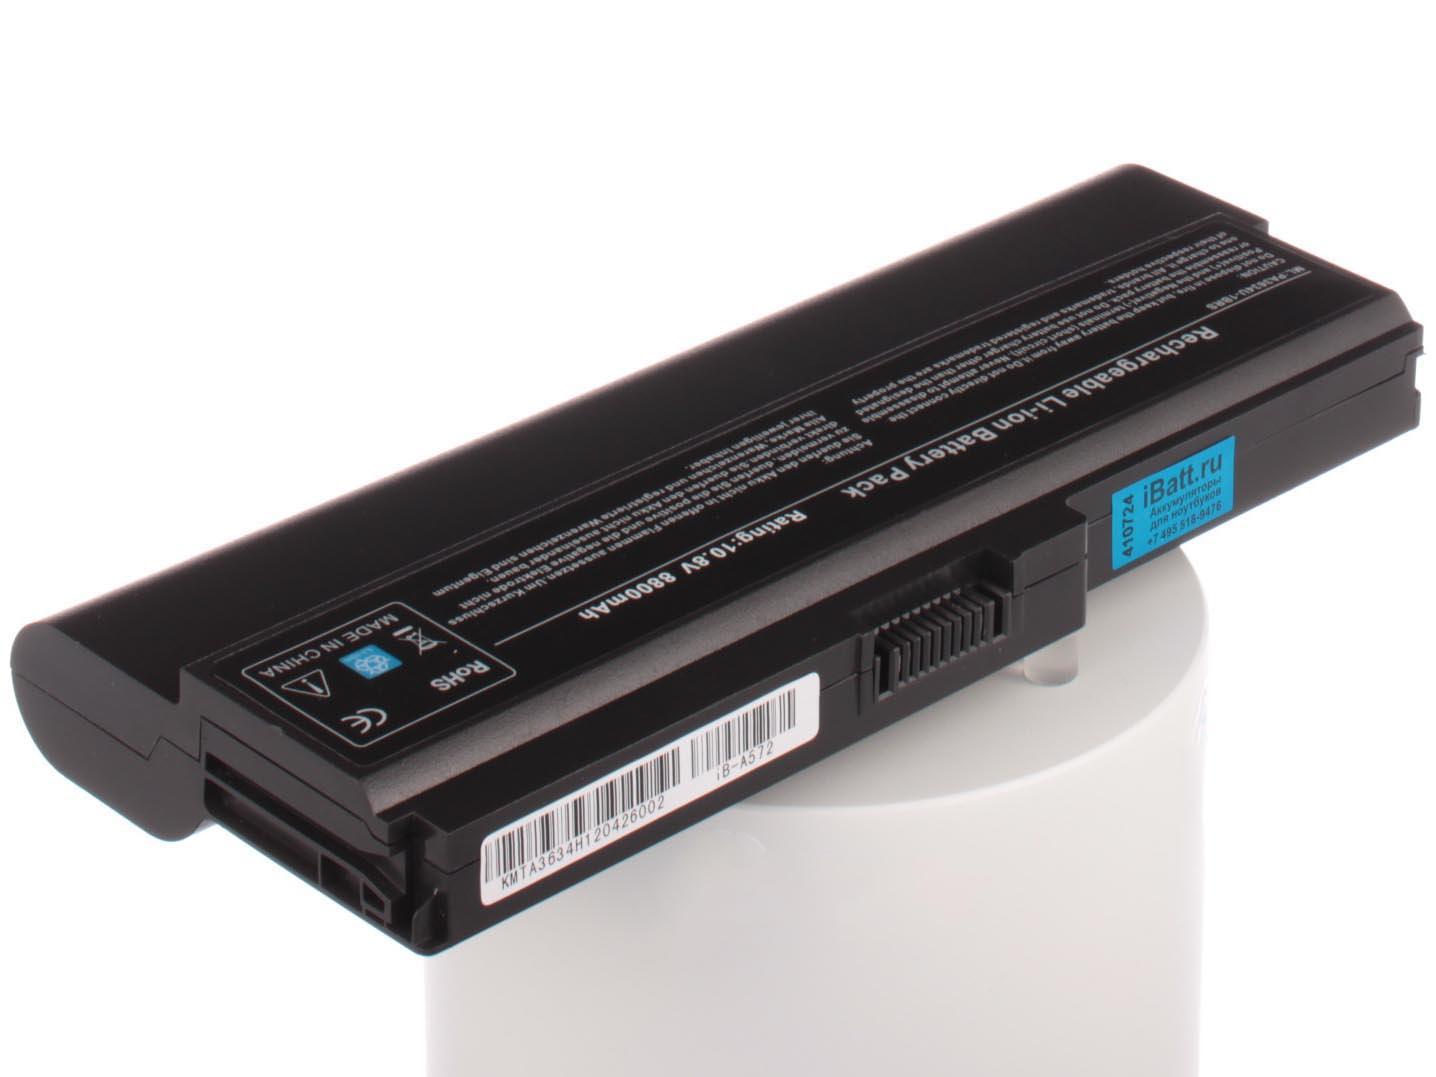 Аккумулятор для ноутбука iBatt для ToshiBa Satellite L735-13V, Satellite P775-10G, Portege M800, Satellite C670-A3K, Satellite P745-S4217, Satellite P775-S7100, Satellite Pro C660, Satellite PRO U400-205, Satellite U400-10J аккумуляторная батарея topon top pa3356 4800мач для ноутбуков toshiba satellite t10 20 a50 55 tecra s5 m5 9 m10 a10 portege m500 qosmio f20 page 5